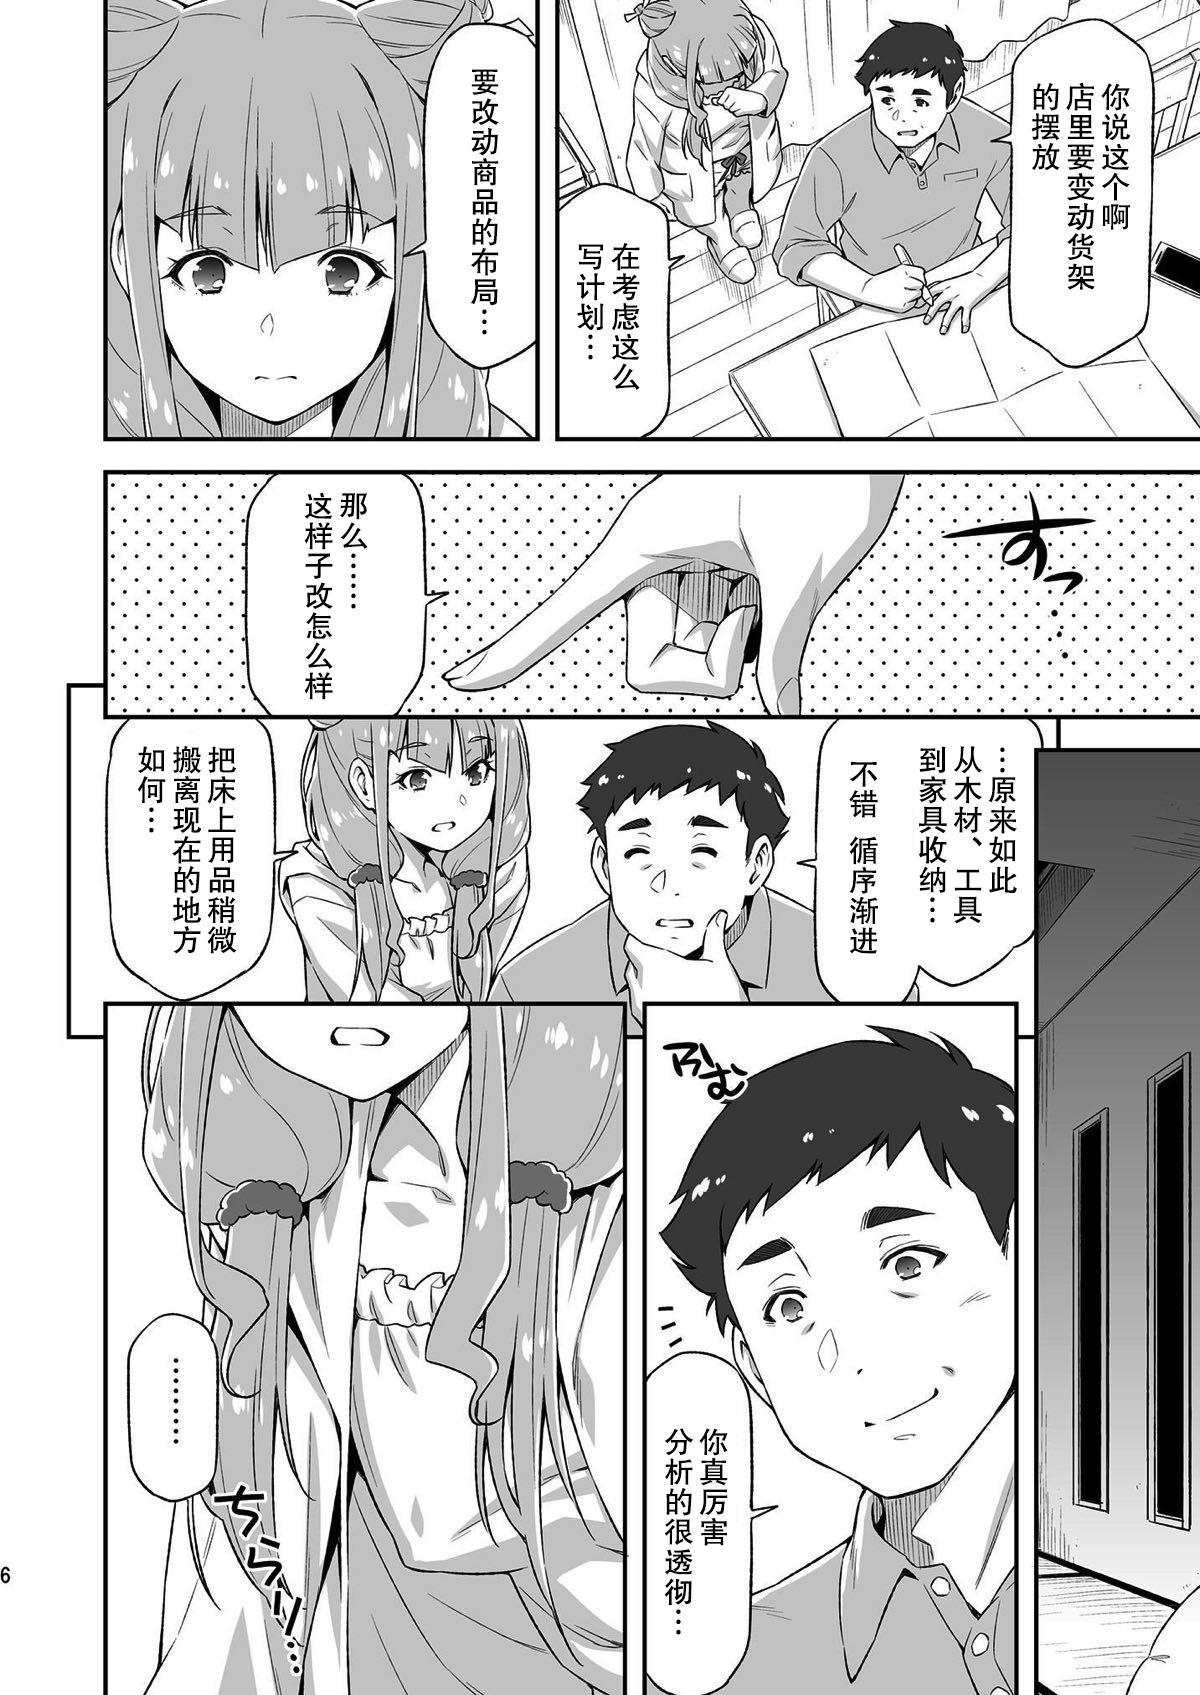 Ruru ga Yonaka ni Totsuzen Semattekita node. 5